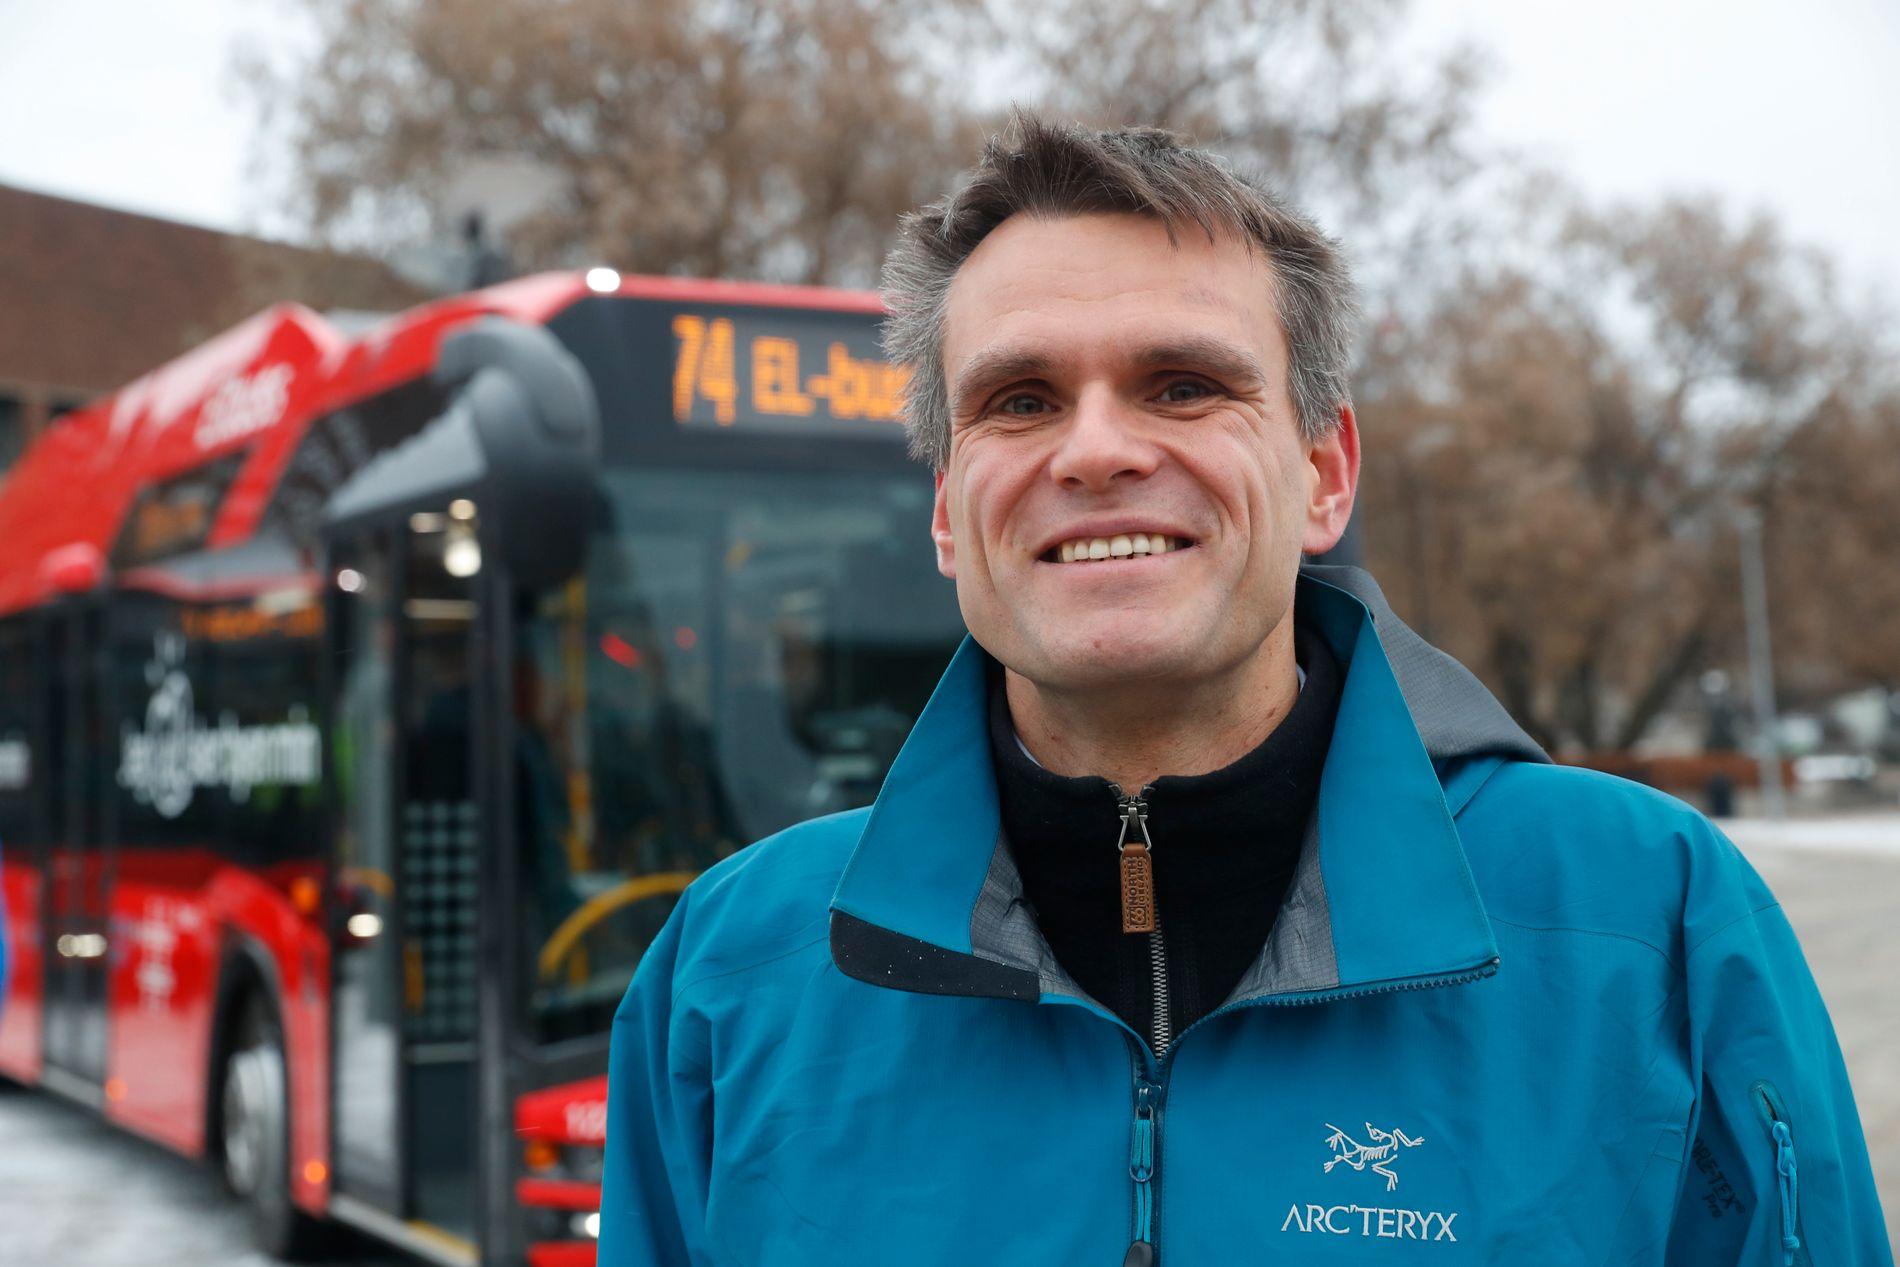 KREVER AVKLARING: Einar Wilhelmsen er leder i Oslo MDG. Bildet er r tatt under presentasjonen av Ruters nye elbusser i november 2017.